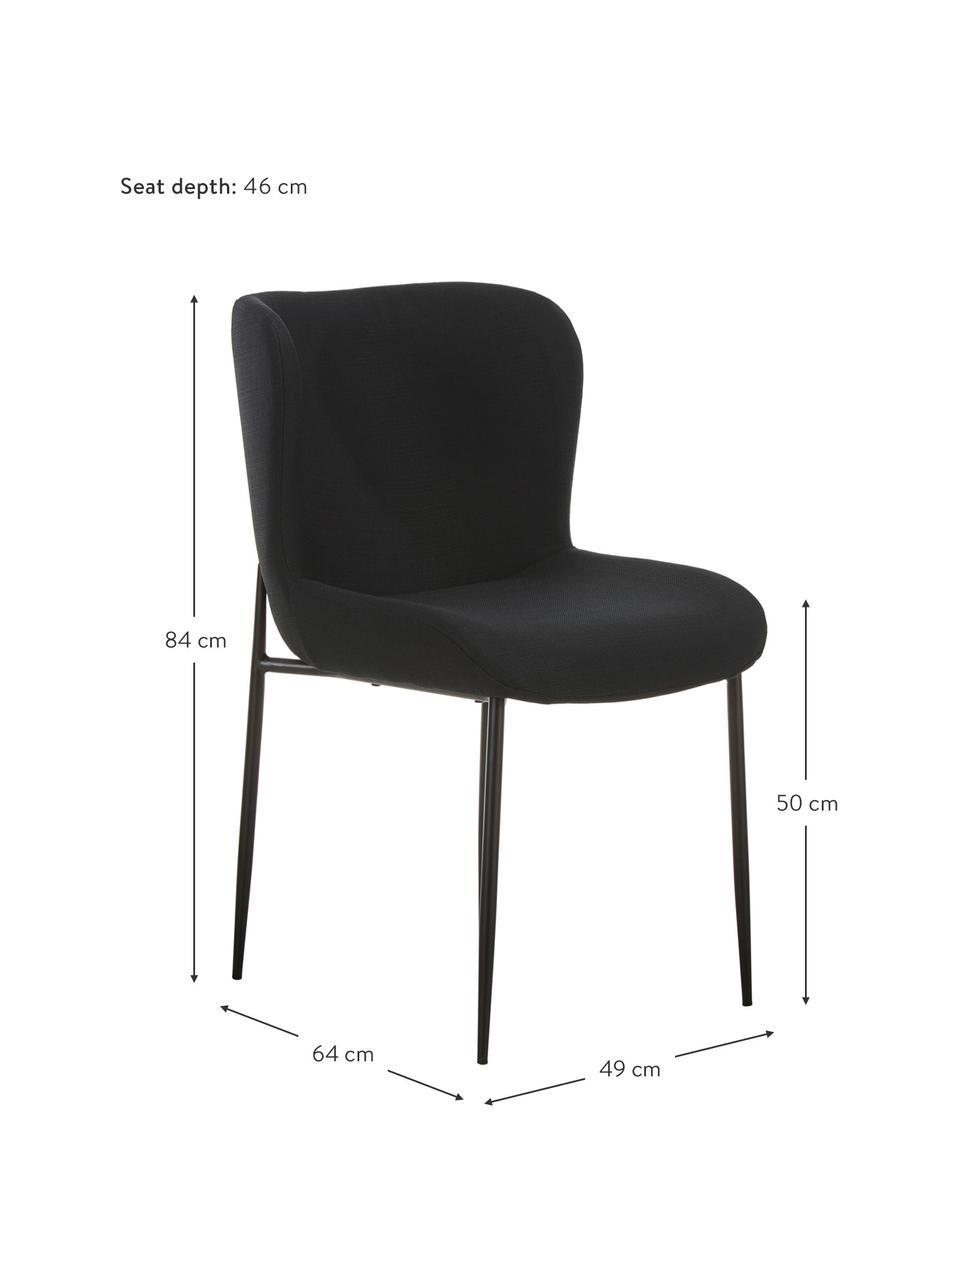 Krzesło tapicerowane Tess, Tapicerka: poliester Dzięki tkaninie, Nogi: metal malowany proszkowo, Czarny, S 49 x G 64 cm